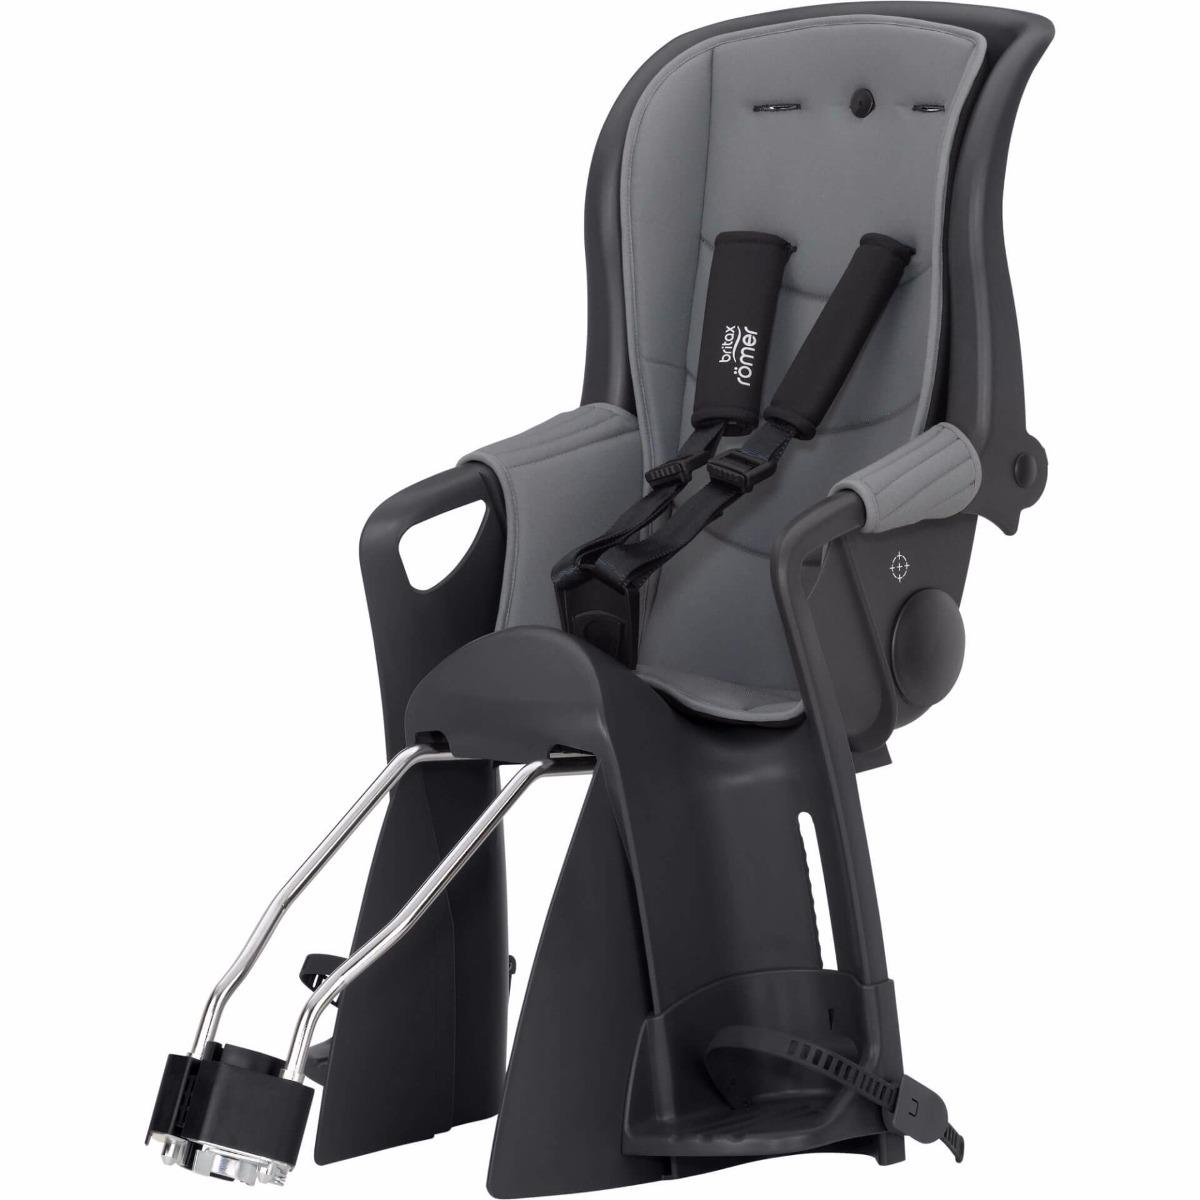 Uz rāmja stiprināms bērnu velo krēsliņš